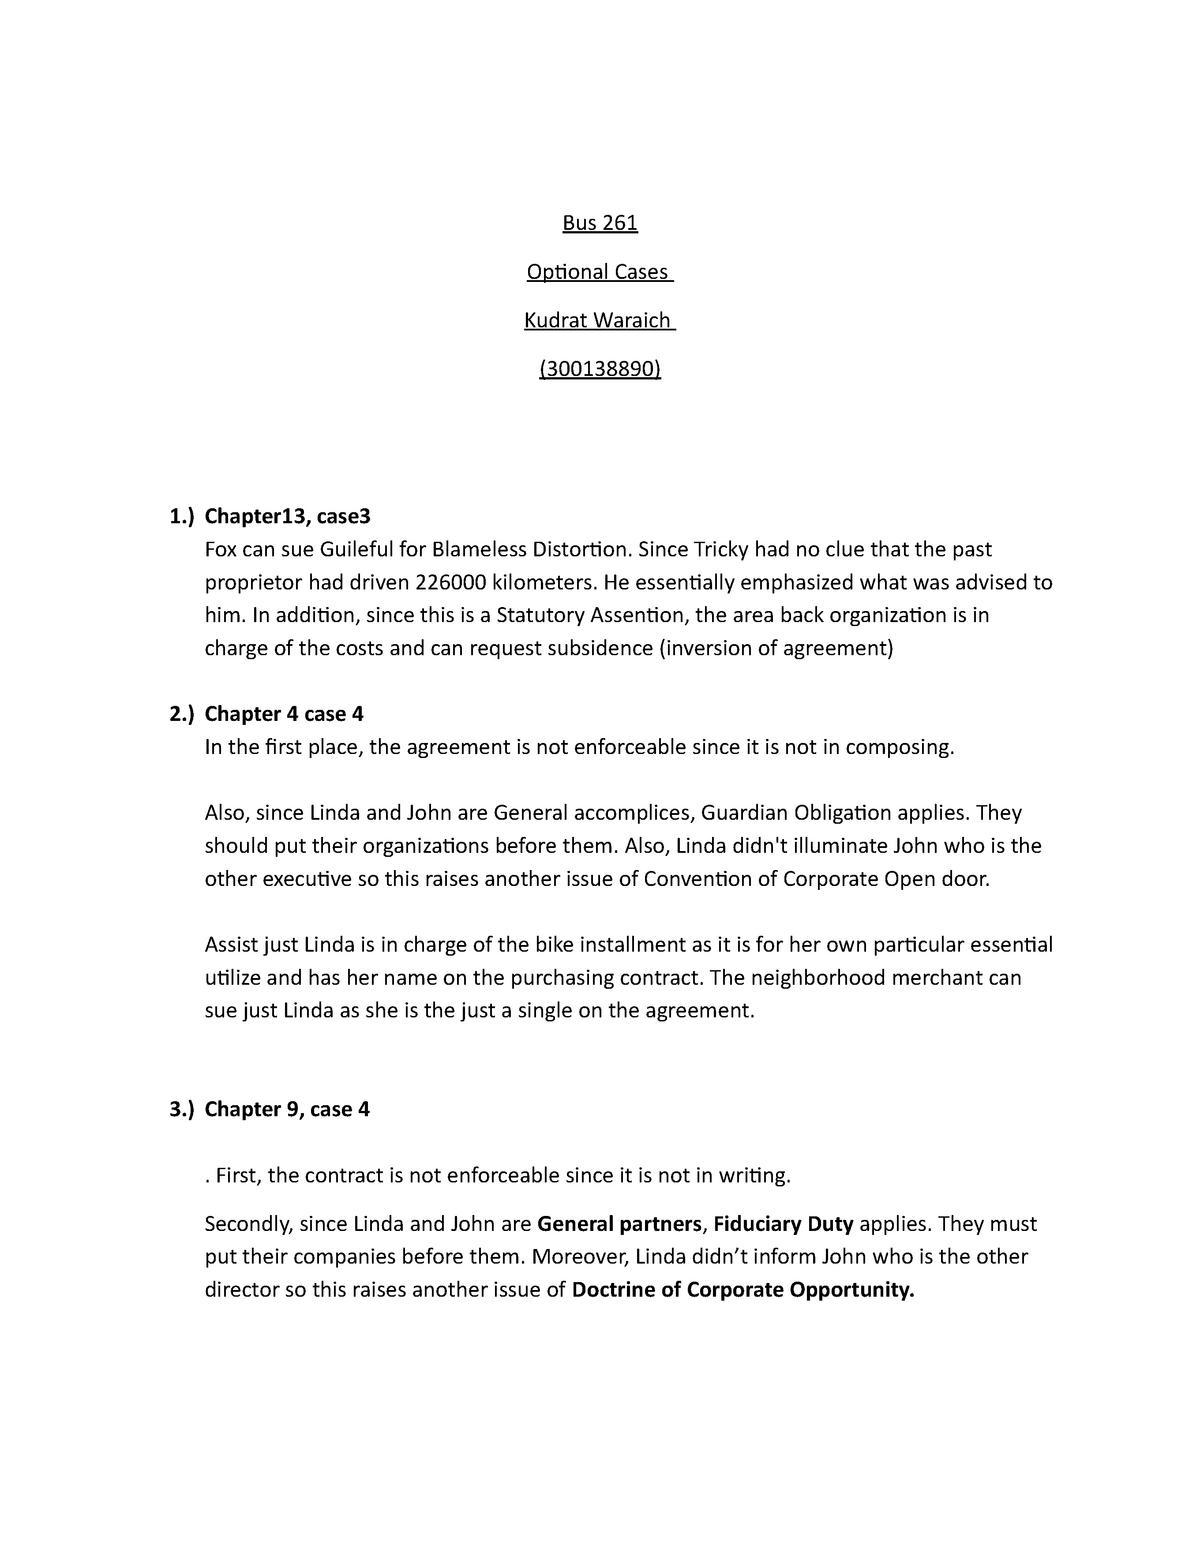 Law cases optional - BUS 261 Business Law - UFV - StuDocu